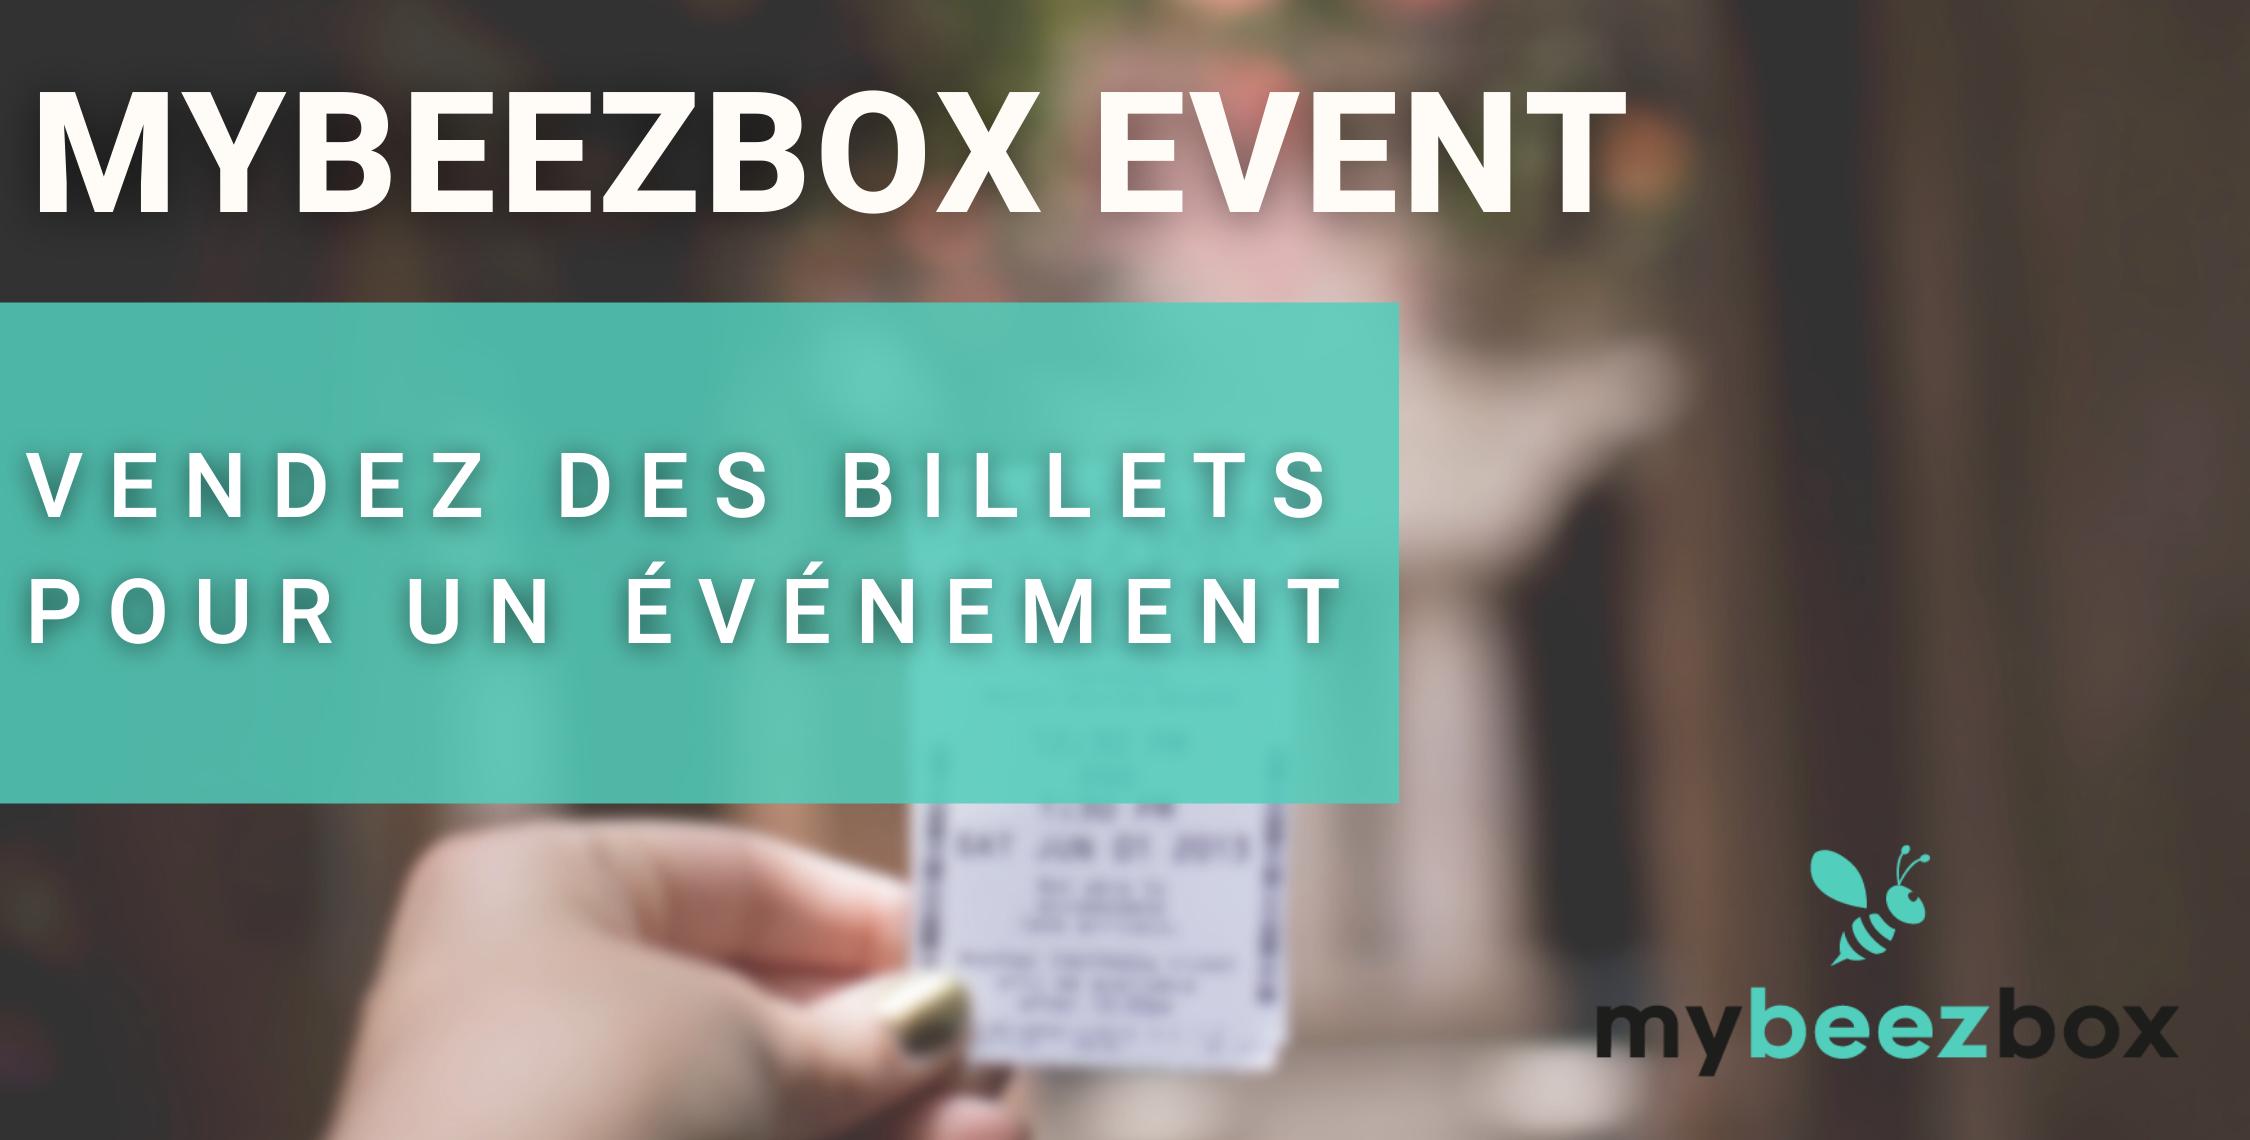 Conçue pour vous faire gagner du temps dans l'organisation et la gestion de votre événement, MyBeezBox Event vous permet d'automatiser l'achat des places, le paiement et l'envoi des billets.